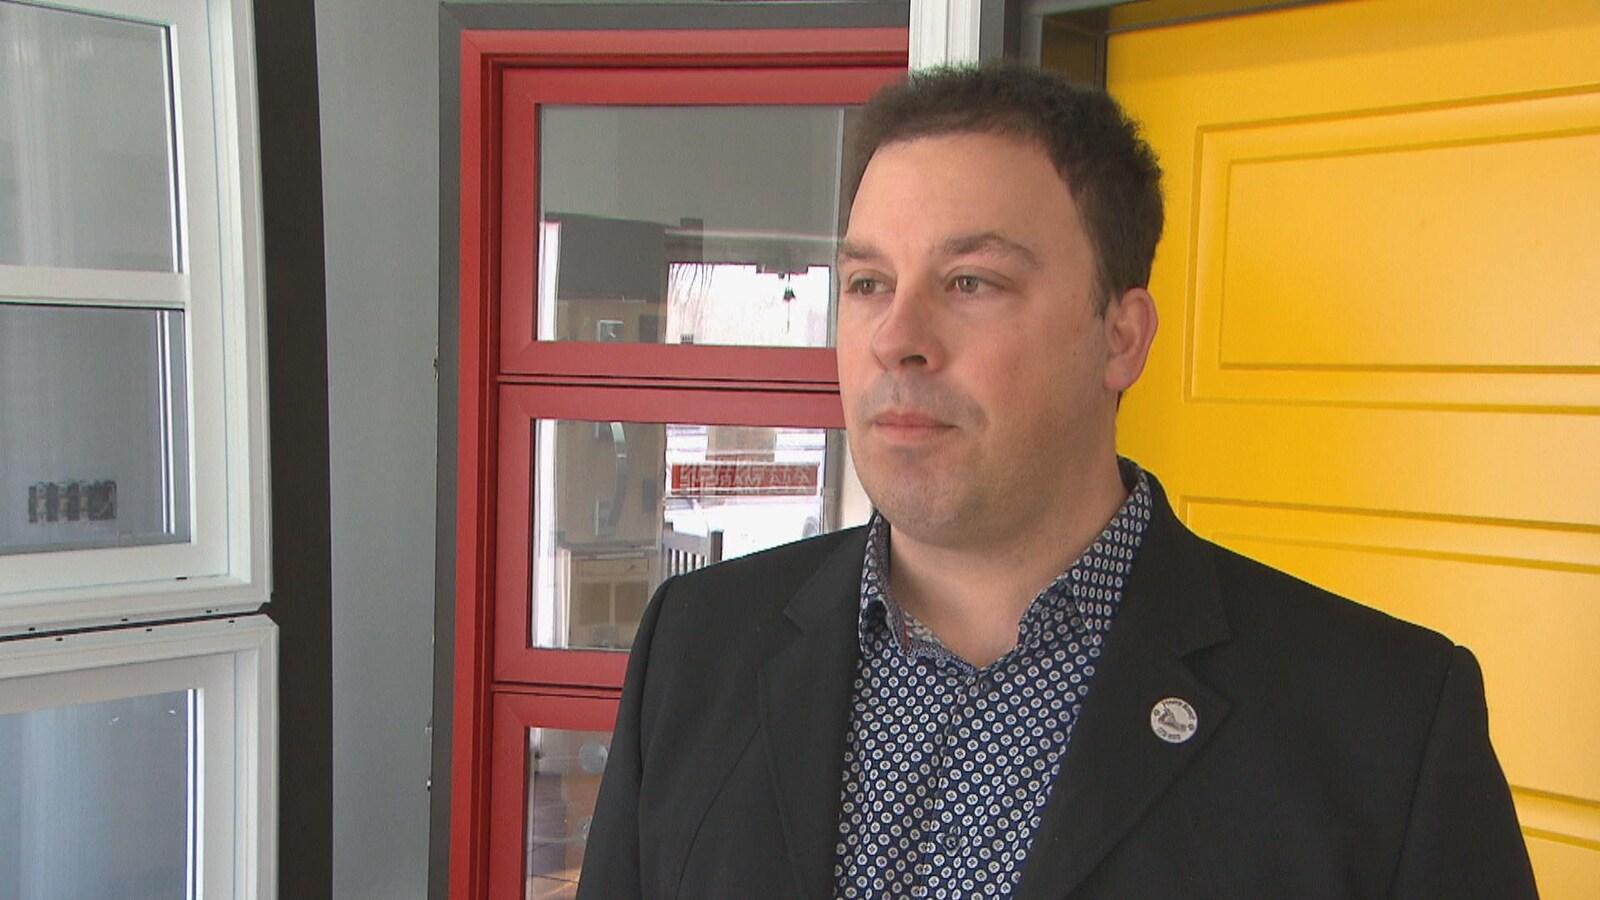 Philippe Lebel en entrevue devant des portes et fenêtres.